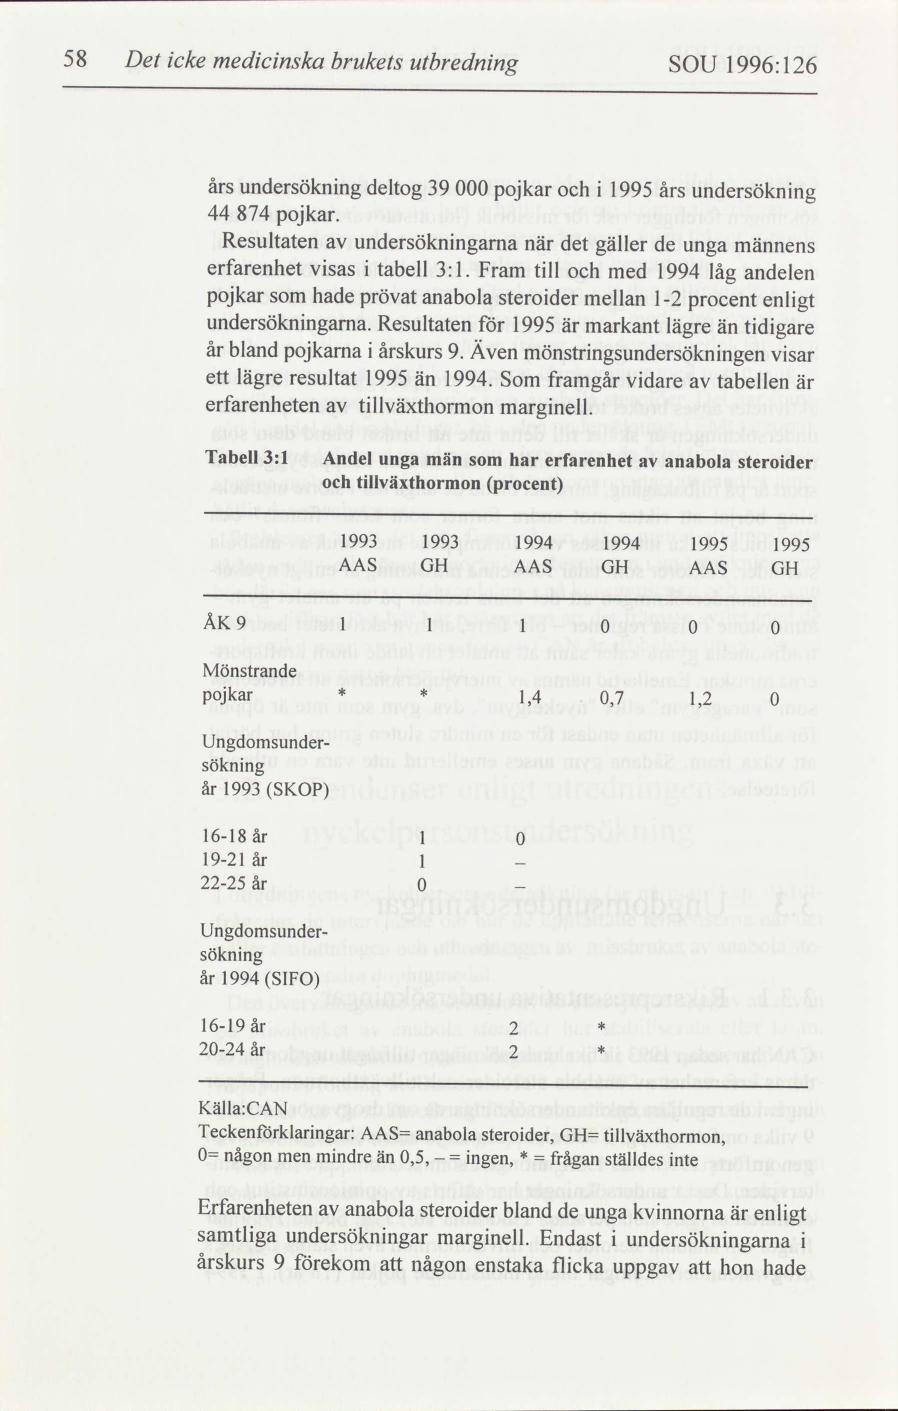 Rastlöshet Anabola androgena steroider (AAS) började användas.